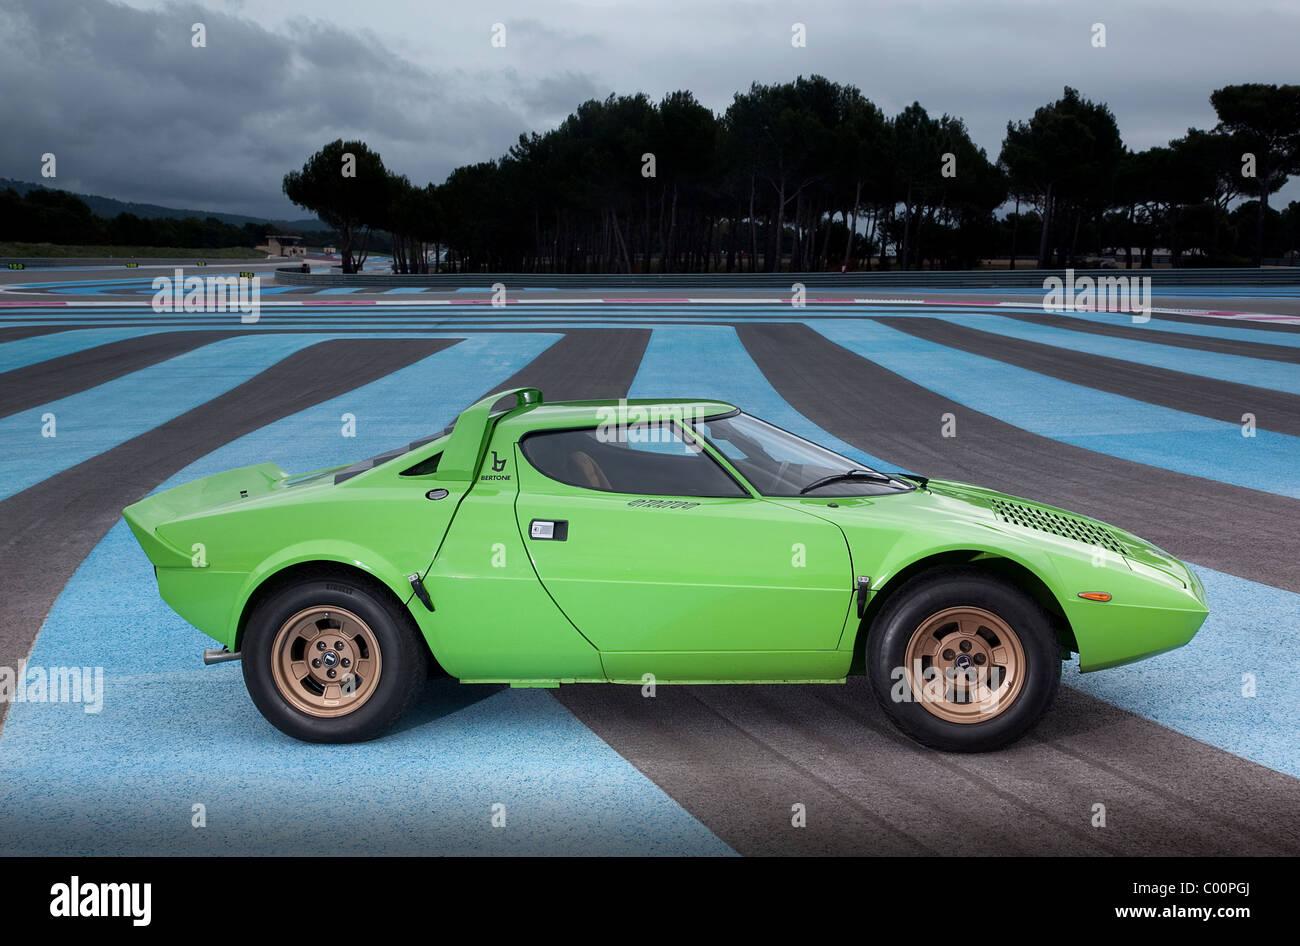 Lancia Stratos Road car - Stock Image